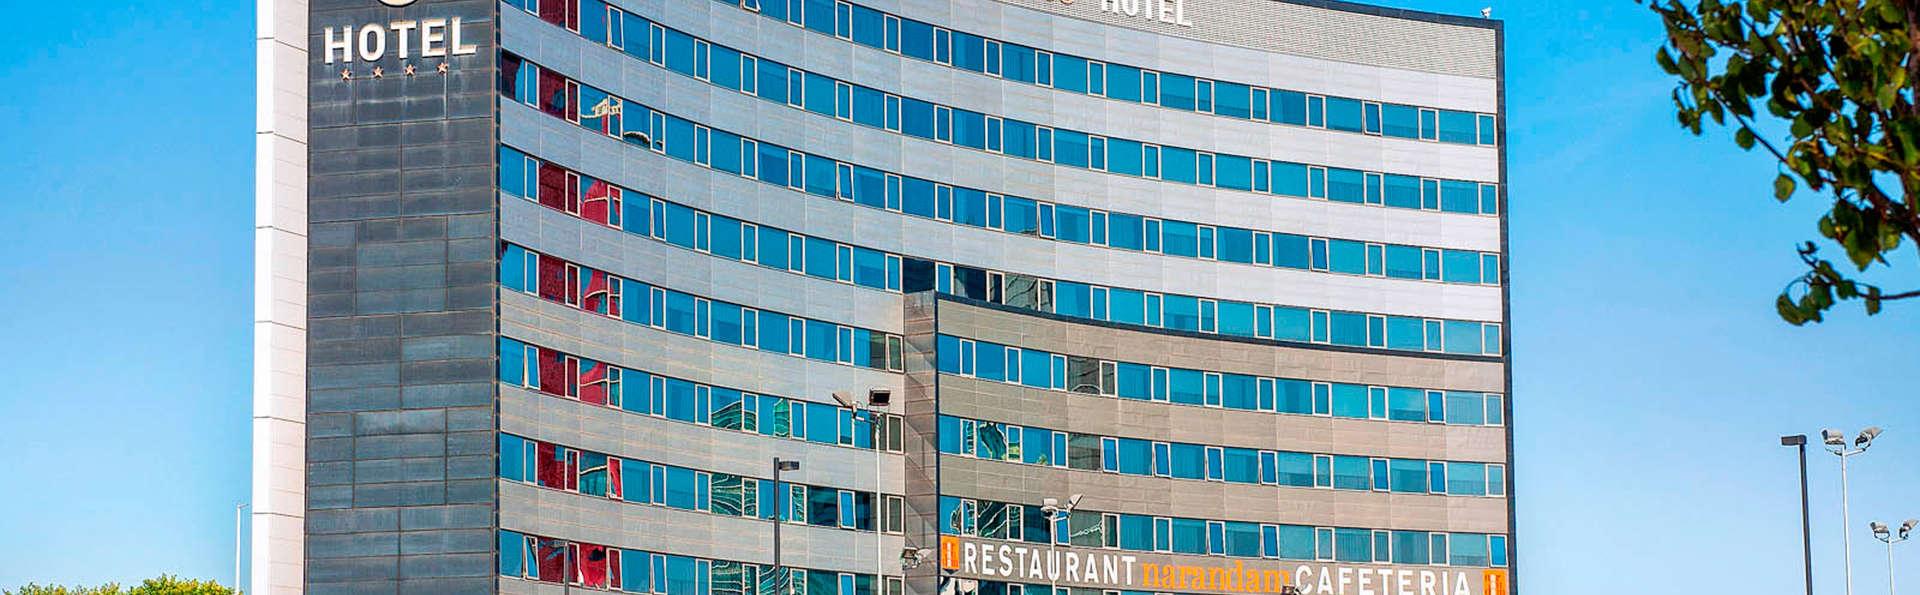 Hotel Fira Congress - EDIT_front.jpg